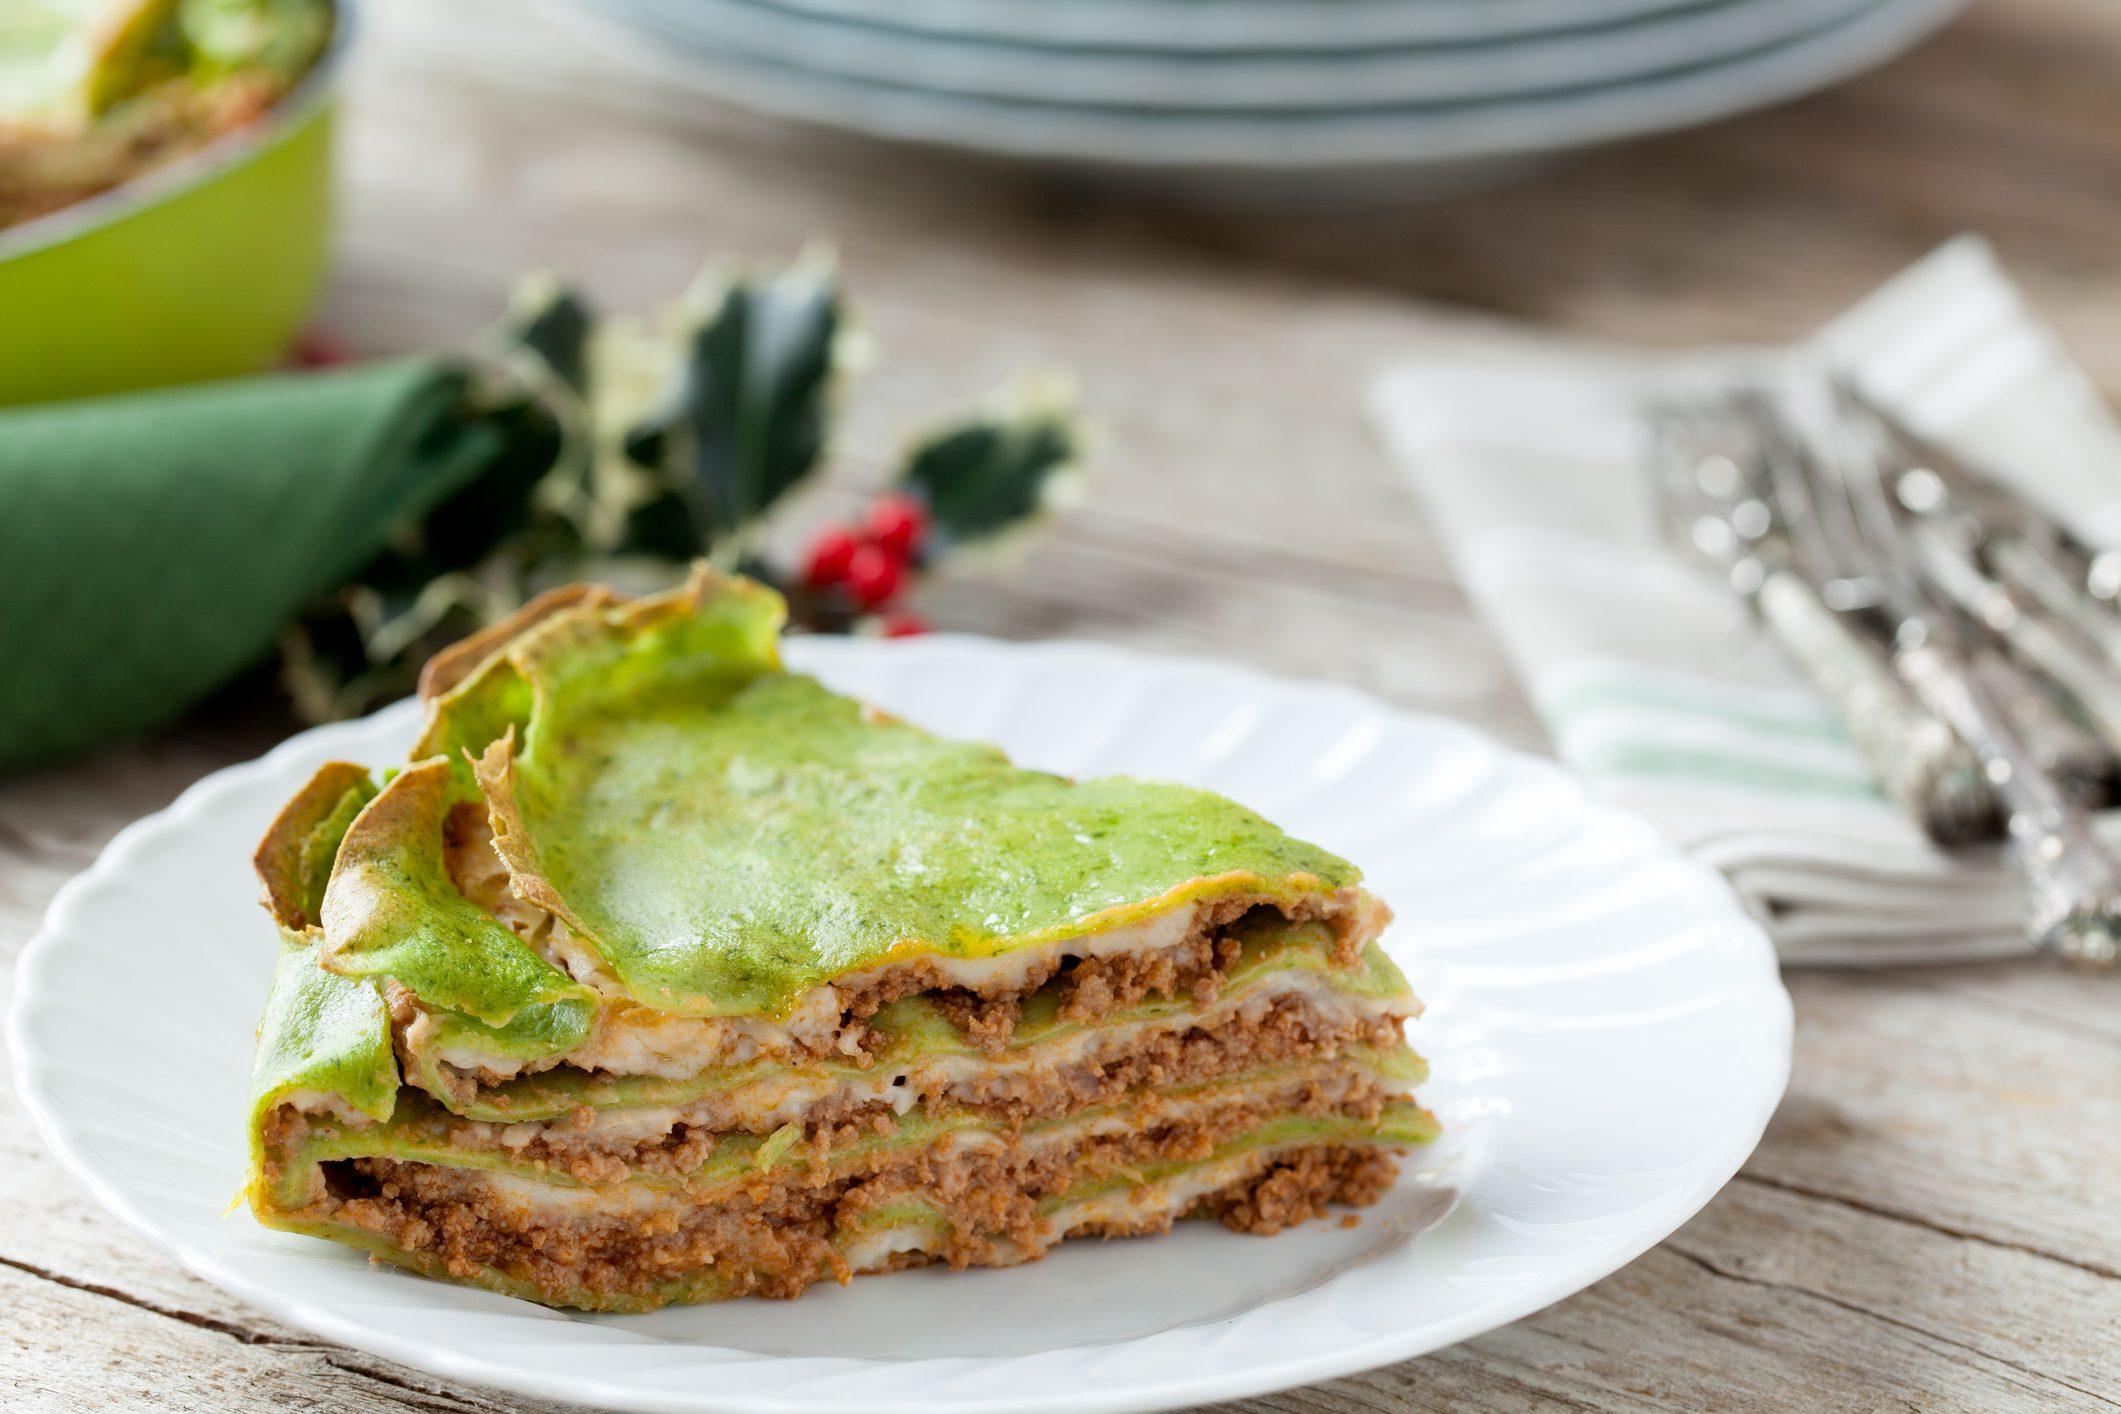 Lasagne verdi con ragù alla bolognese: la ricetta facile del classico emiliano